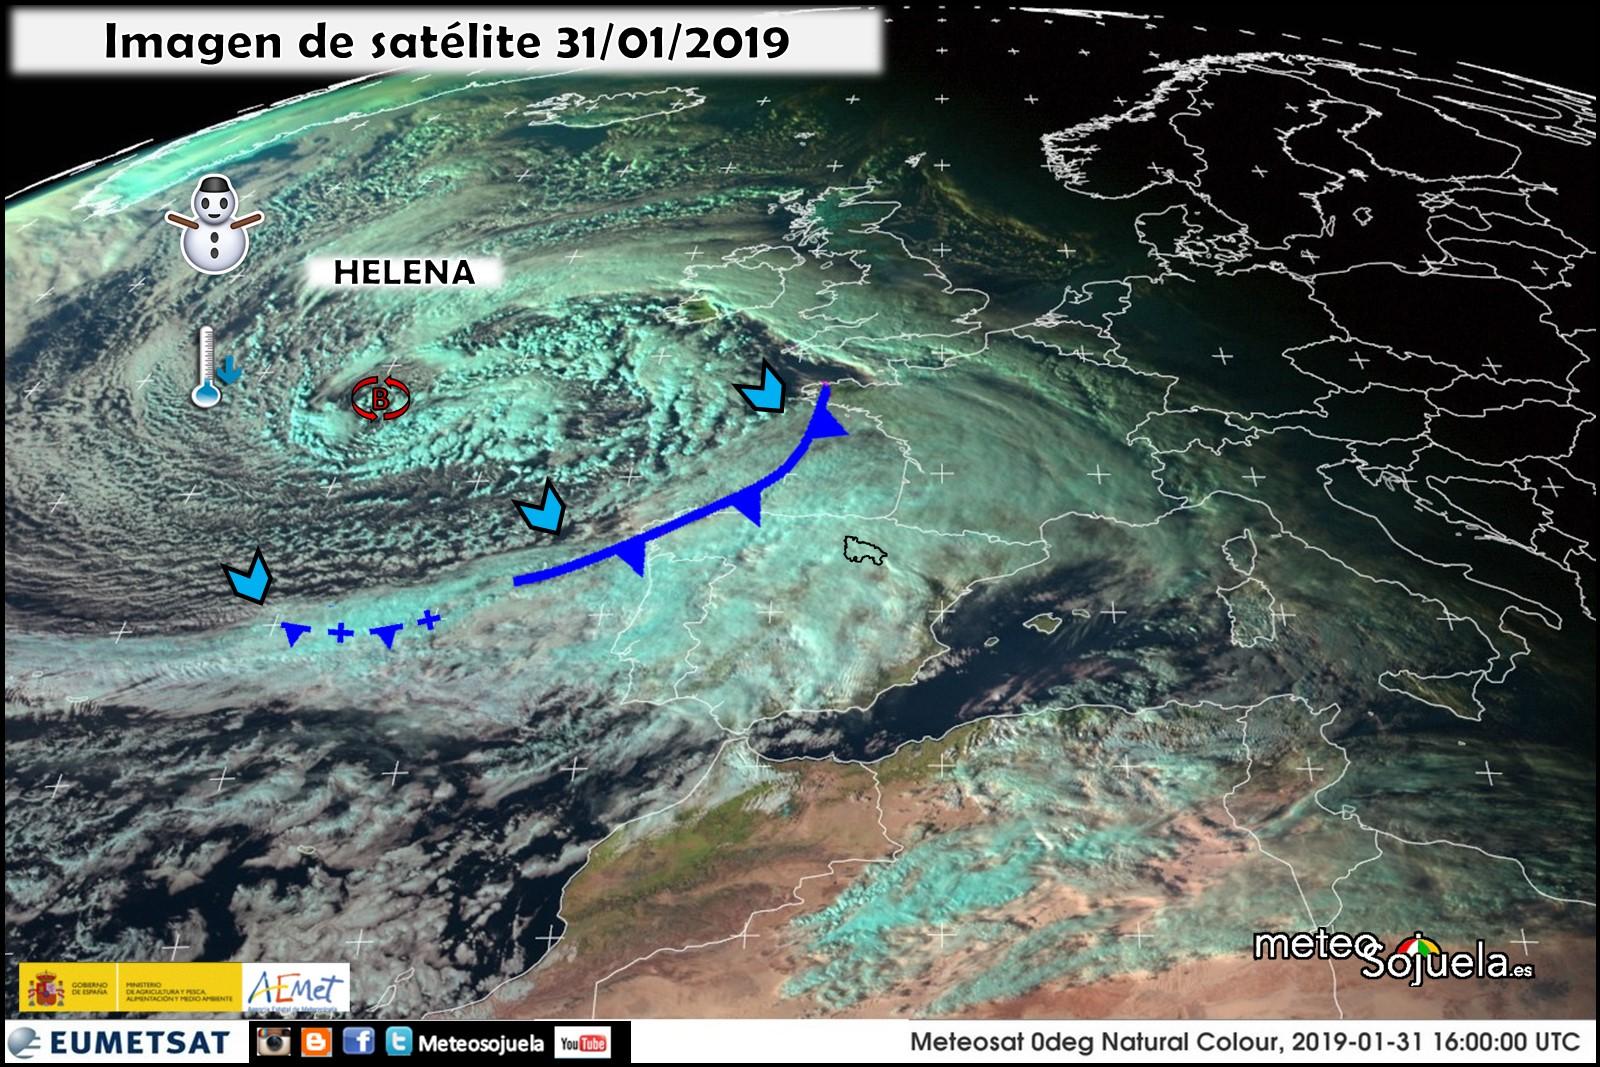 Imágen Satélite HELENA. Meteosojuela La Rioja. Jose Calvo